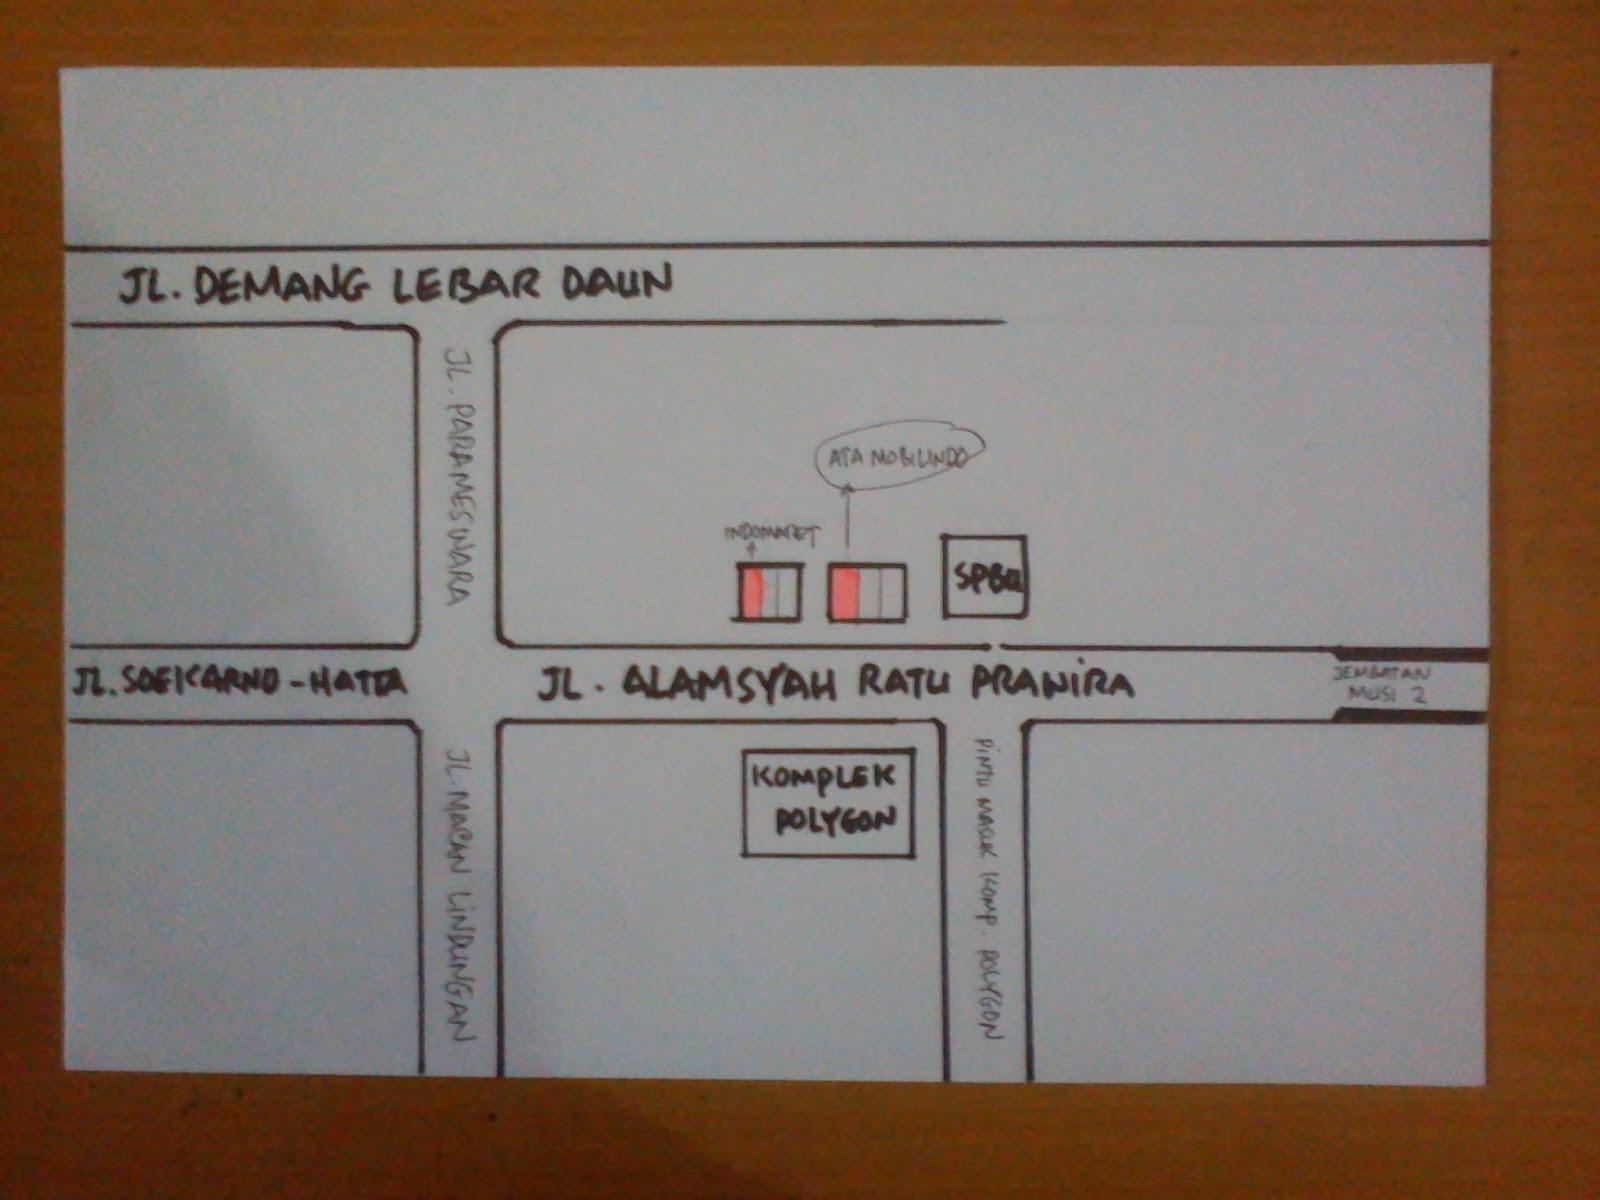 Peta Klik Disini